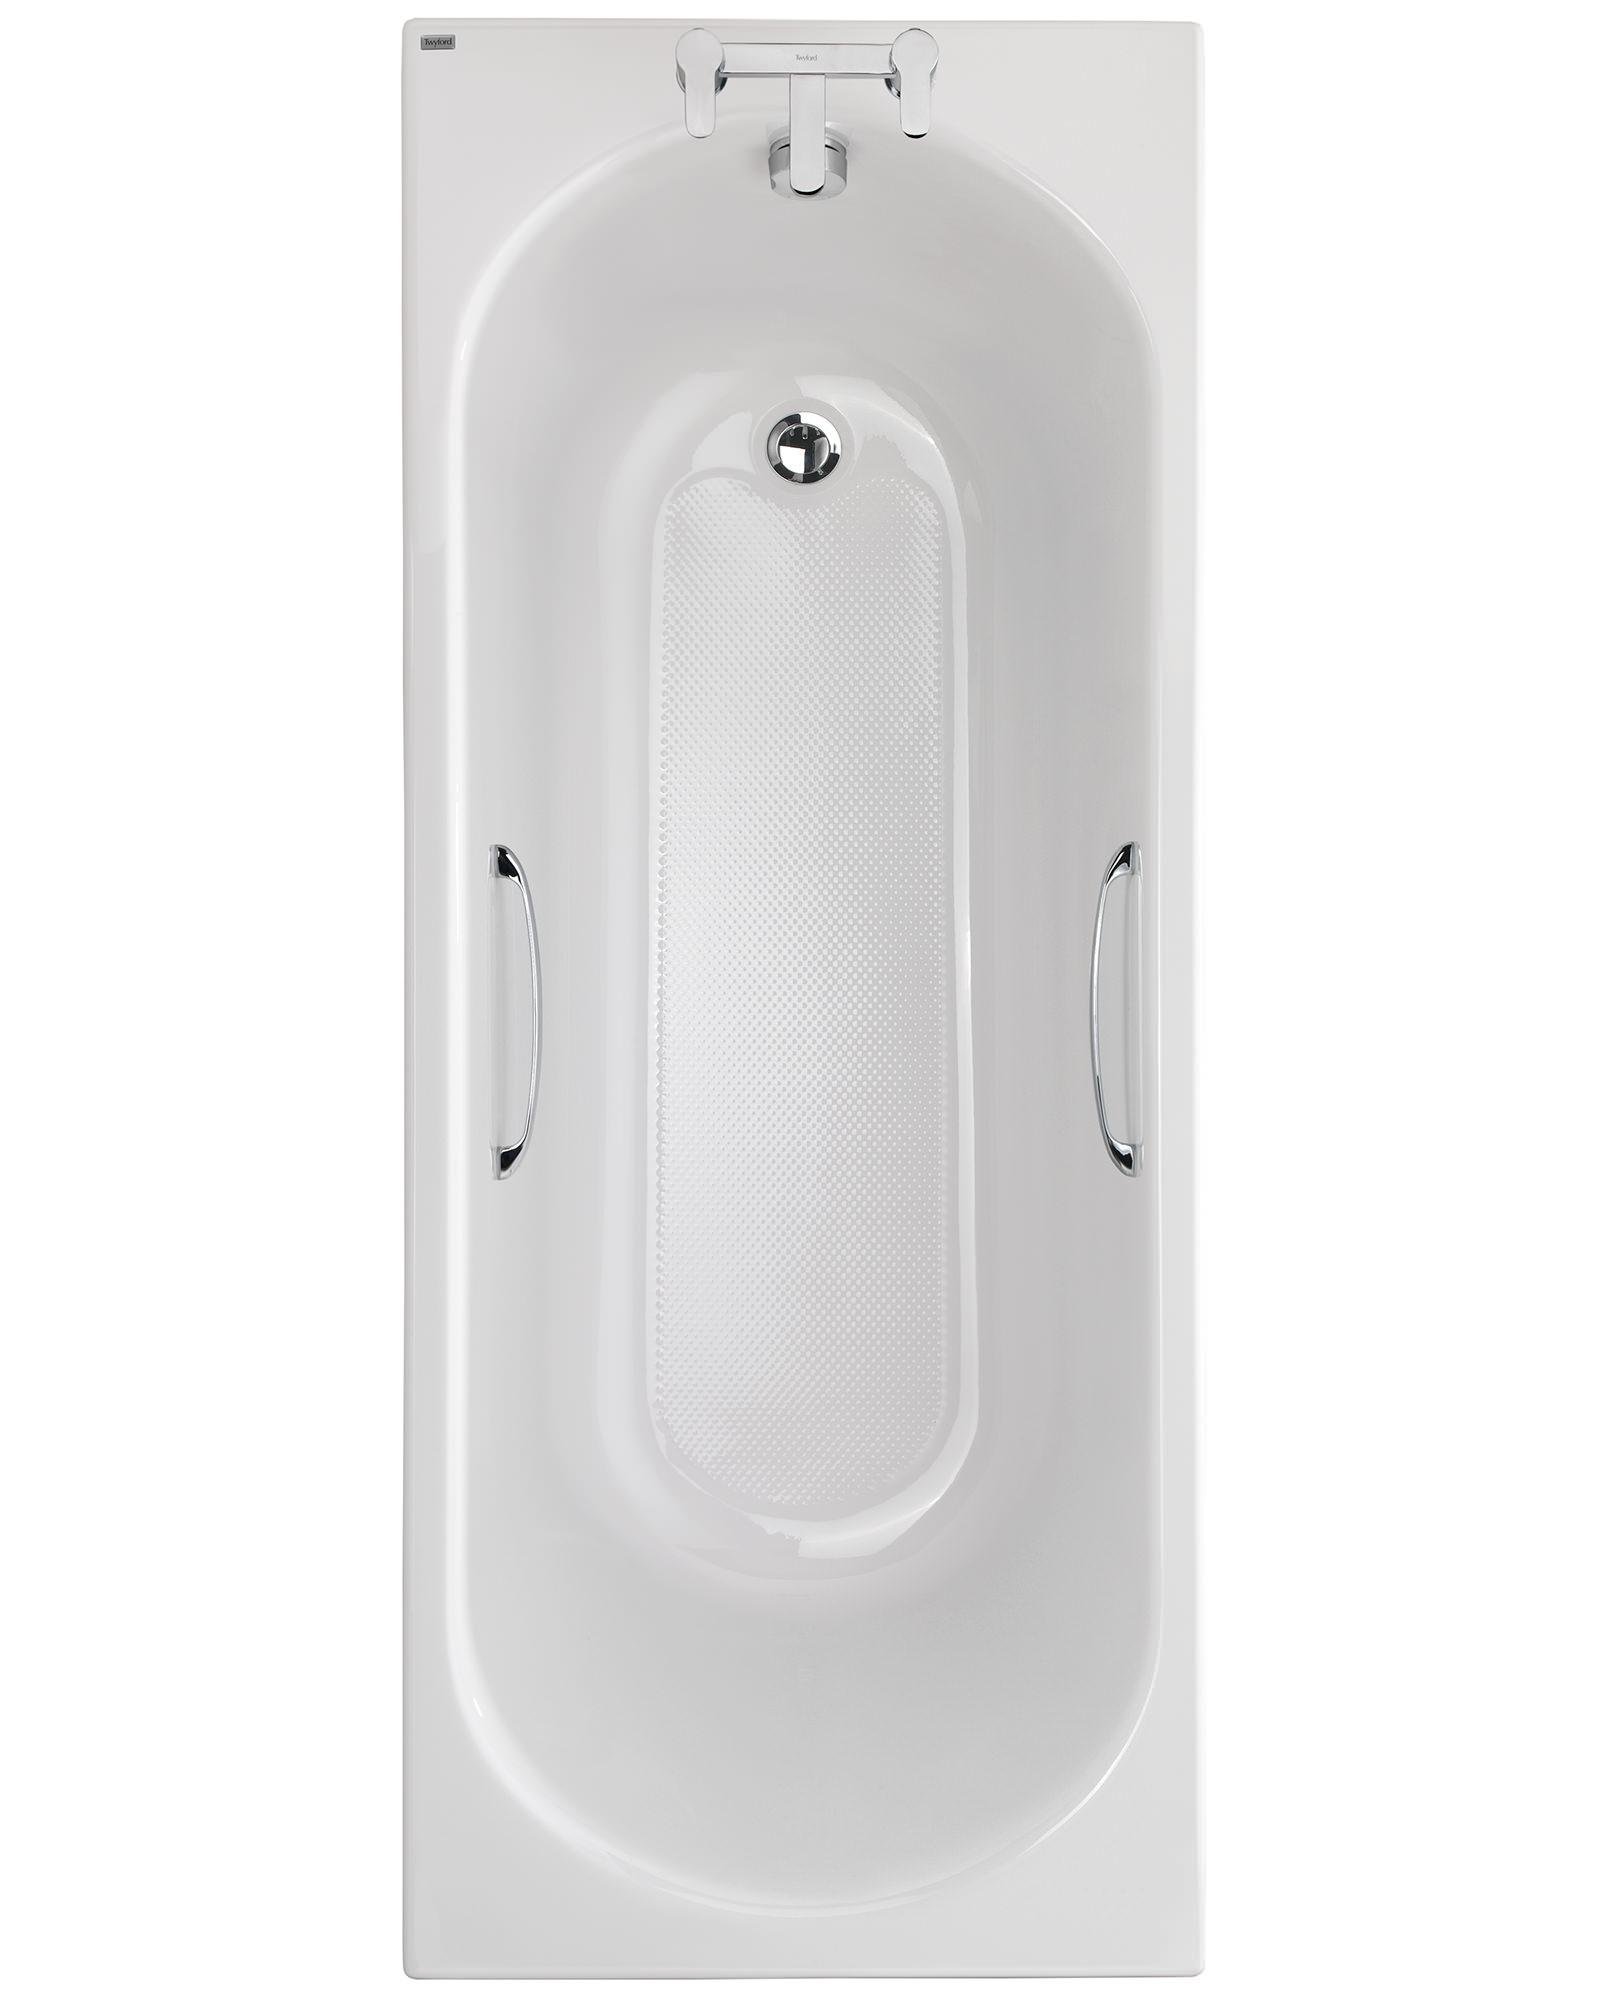 Twyford Opal 1700 x 700mm 2 TH 179 Litres Acrylic Bath With Grips